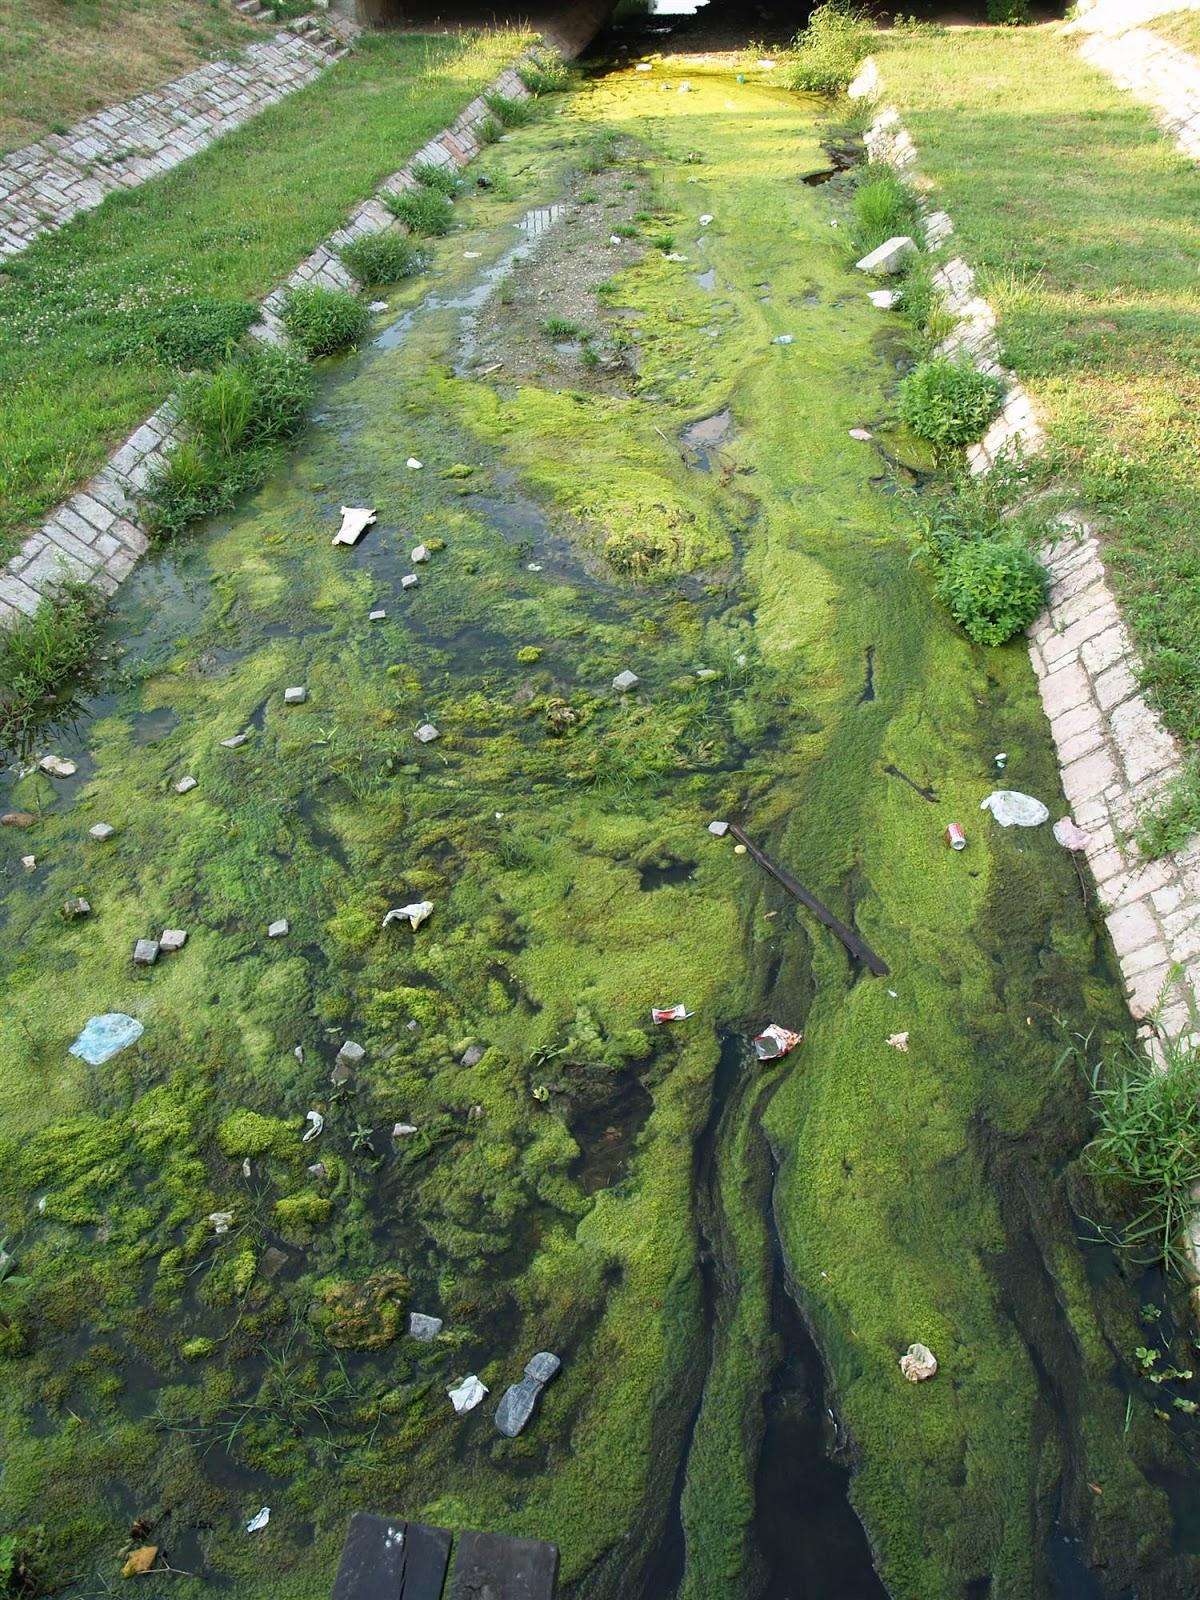 Smotra, Smotra 2006 - P0282450.JPG